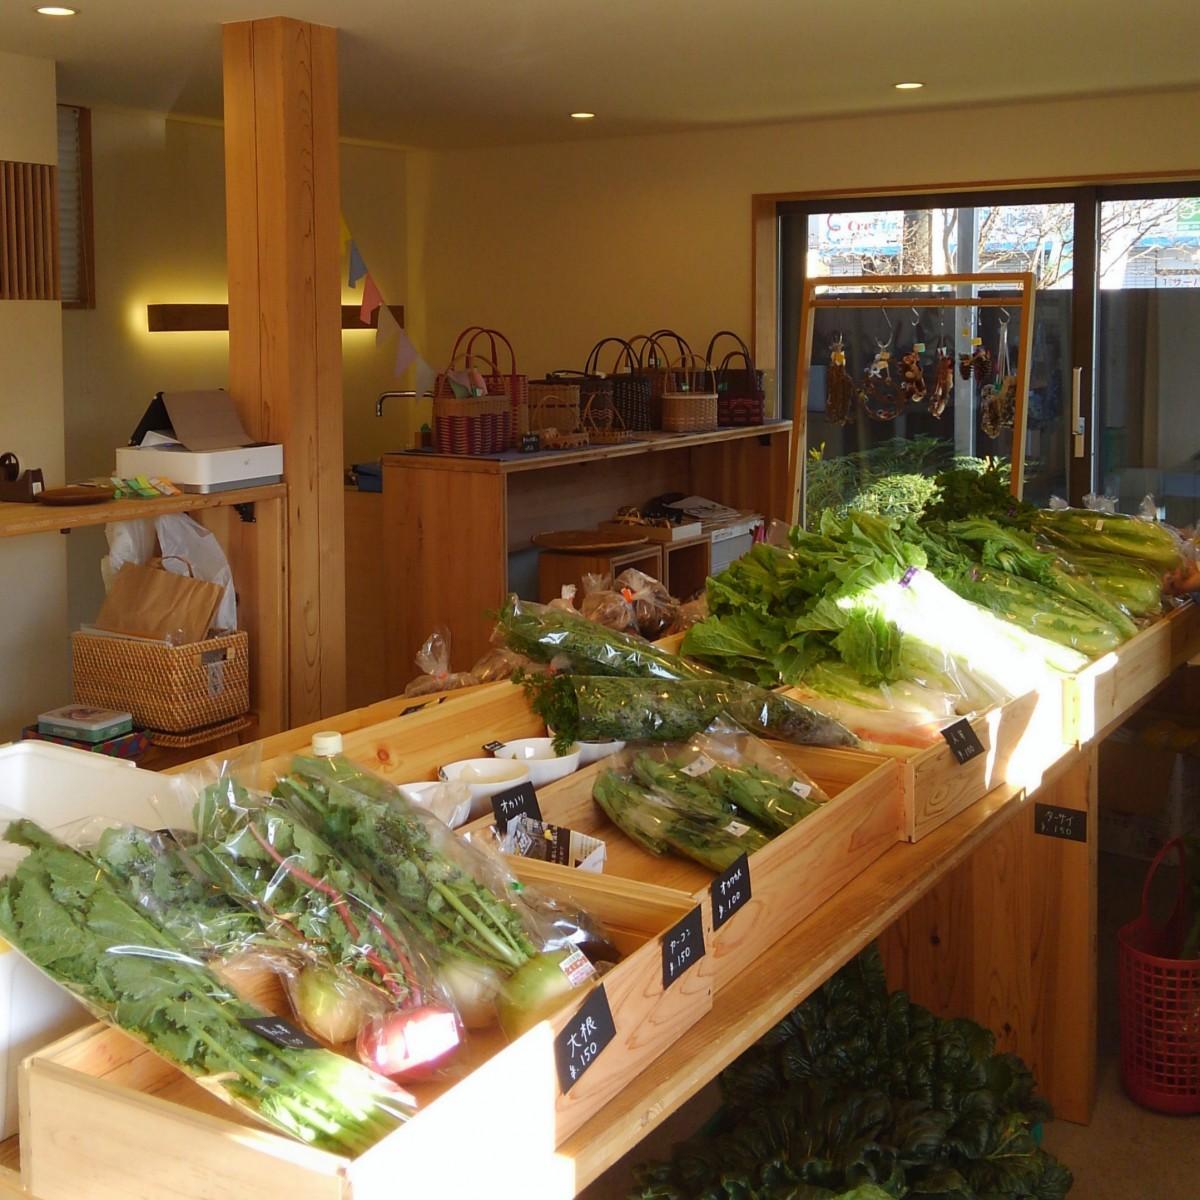 オカノリやオカワカメなど市場に出回らない地場産の野菜も並ぶ